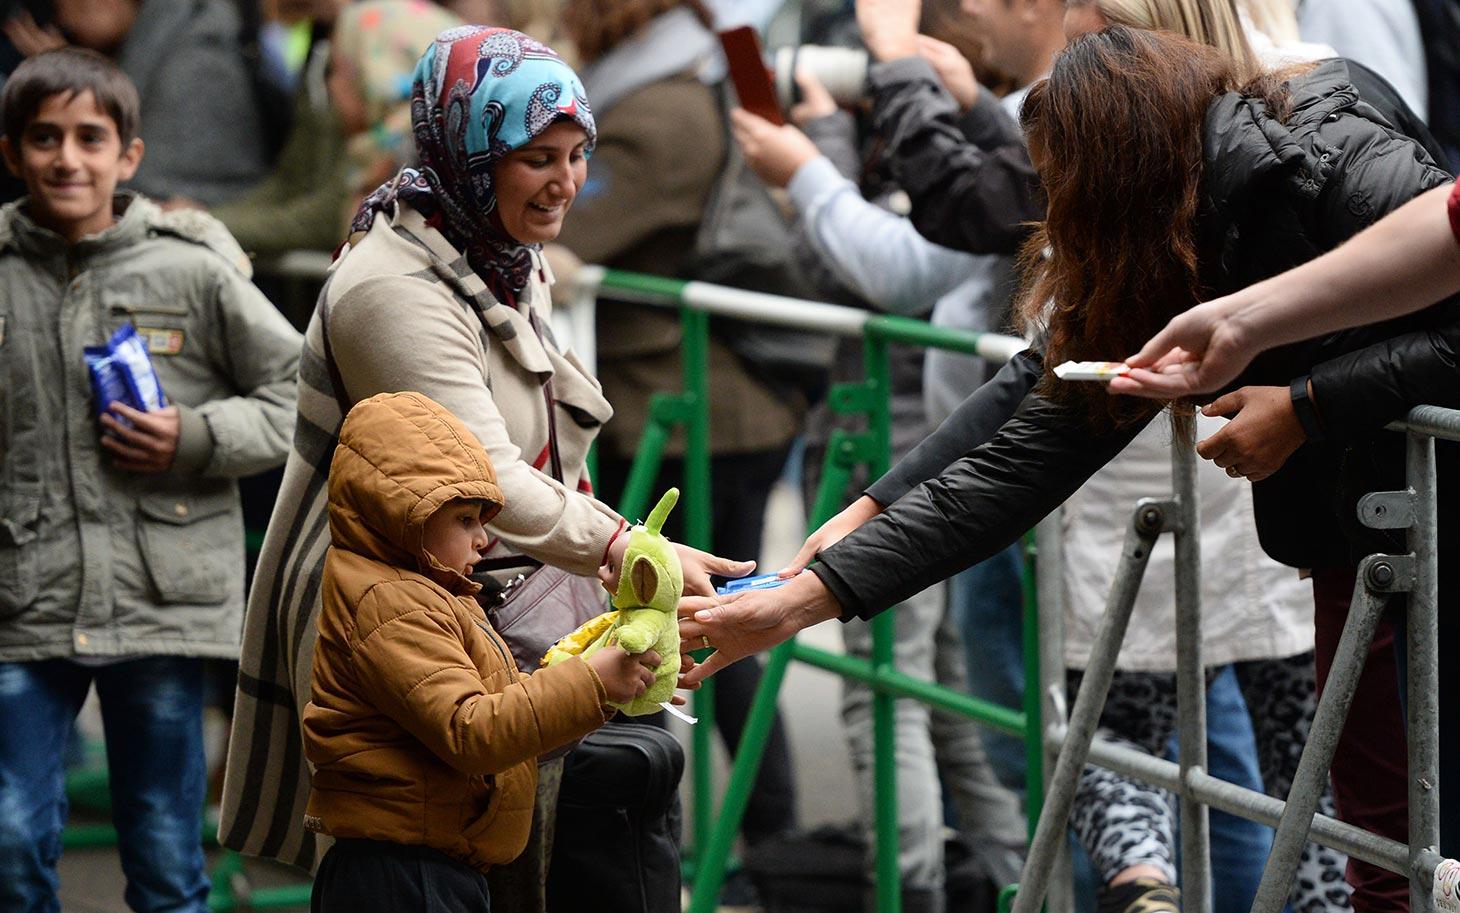 Credit:America.aljazeera.com